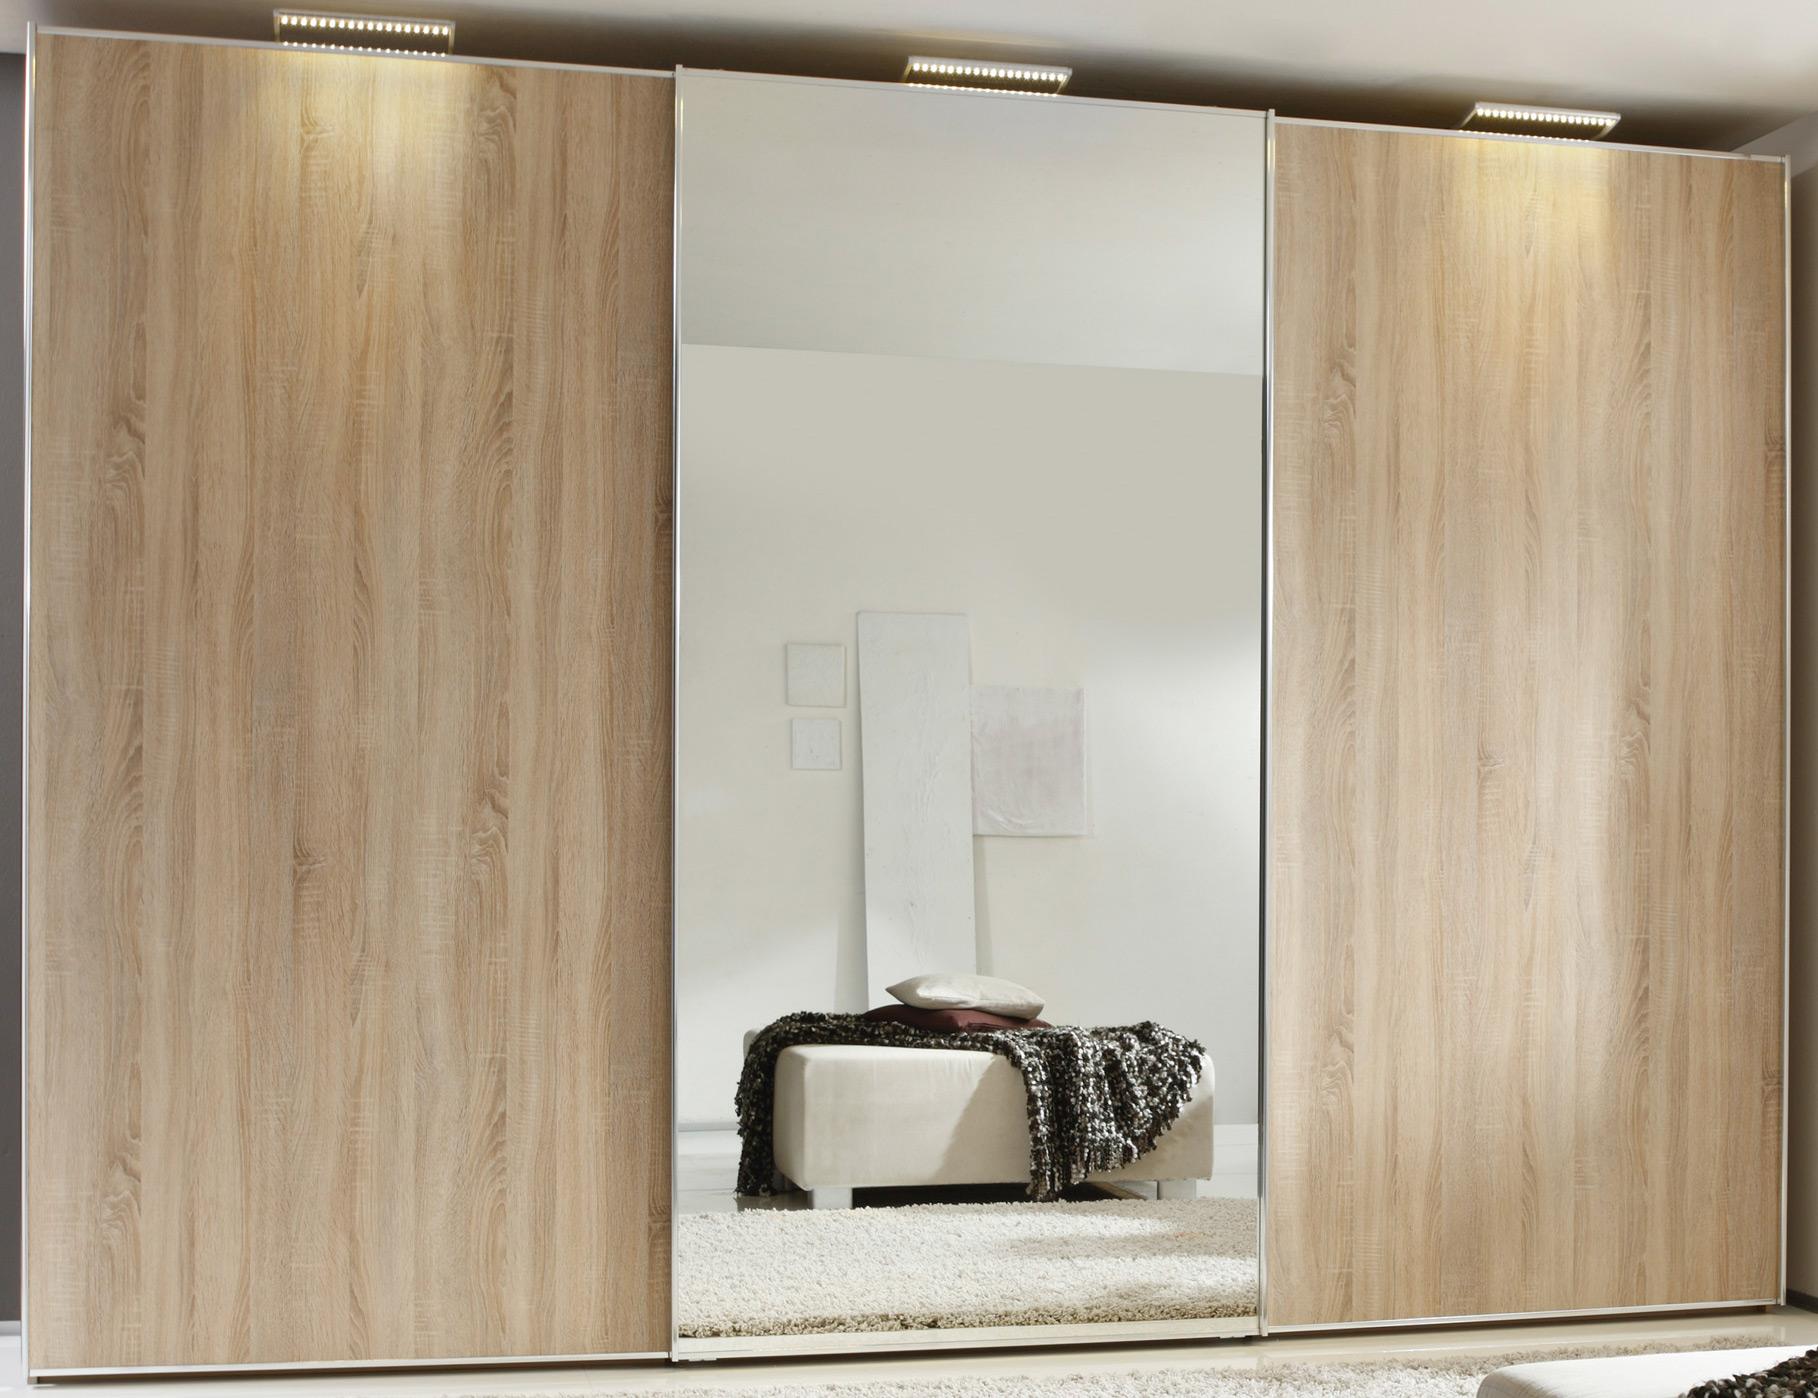 Staud Sinfonie Plus kleiderschrank mit Spiegel